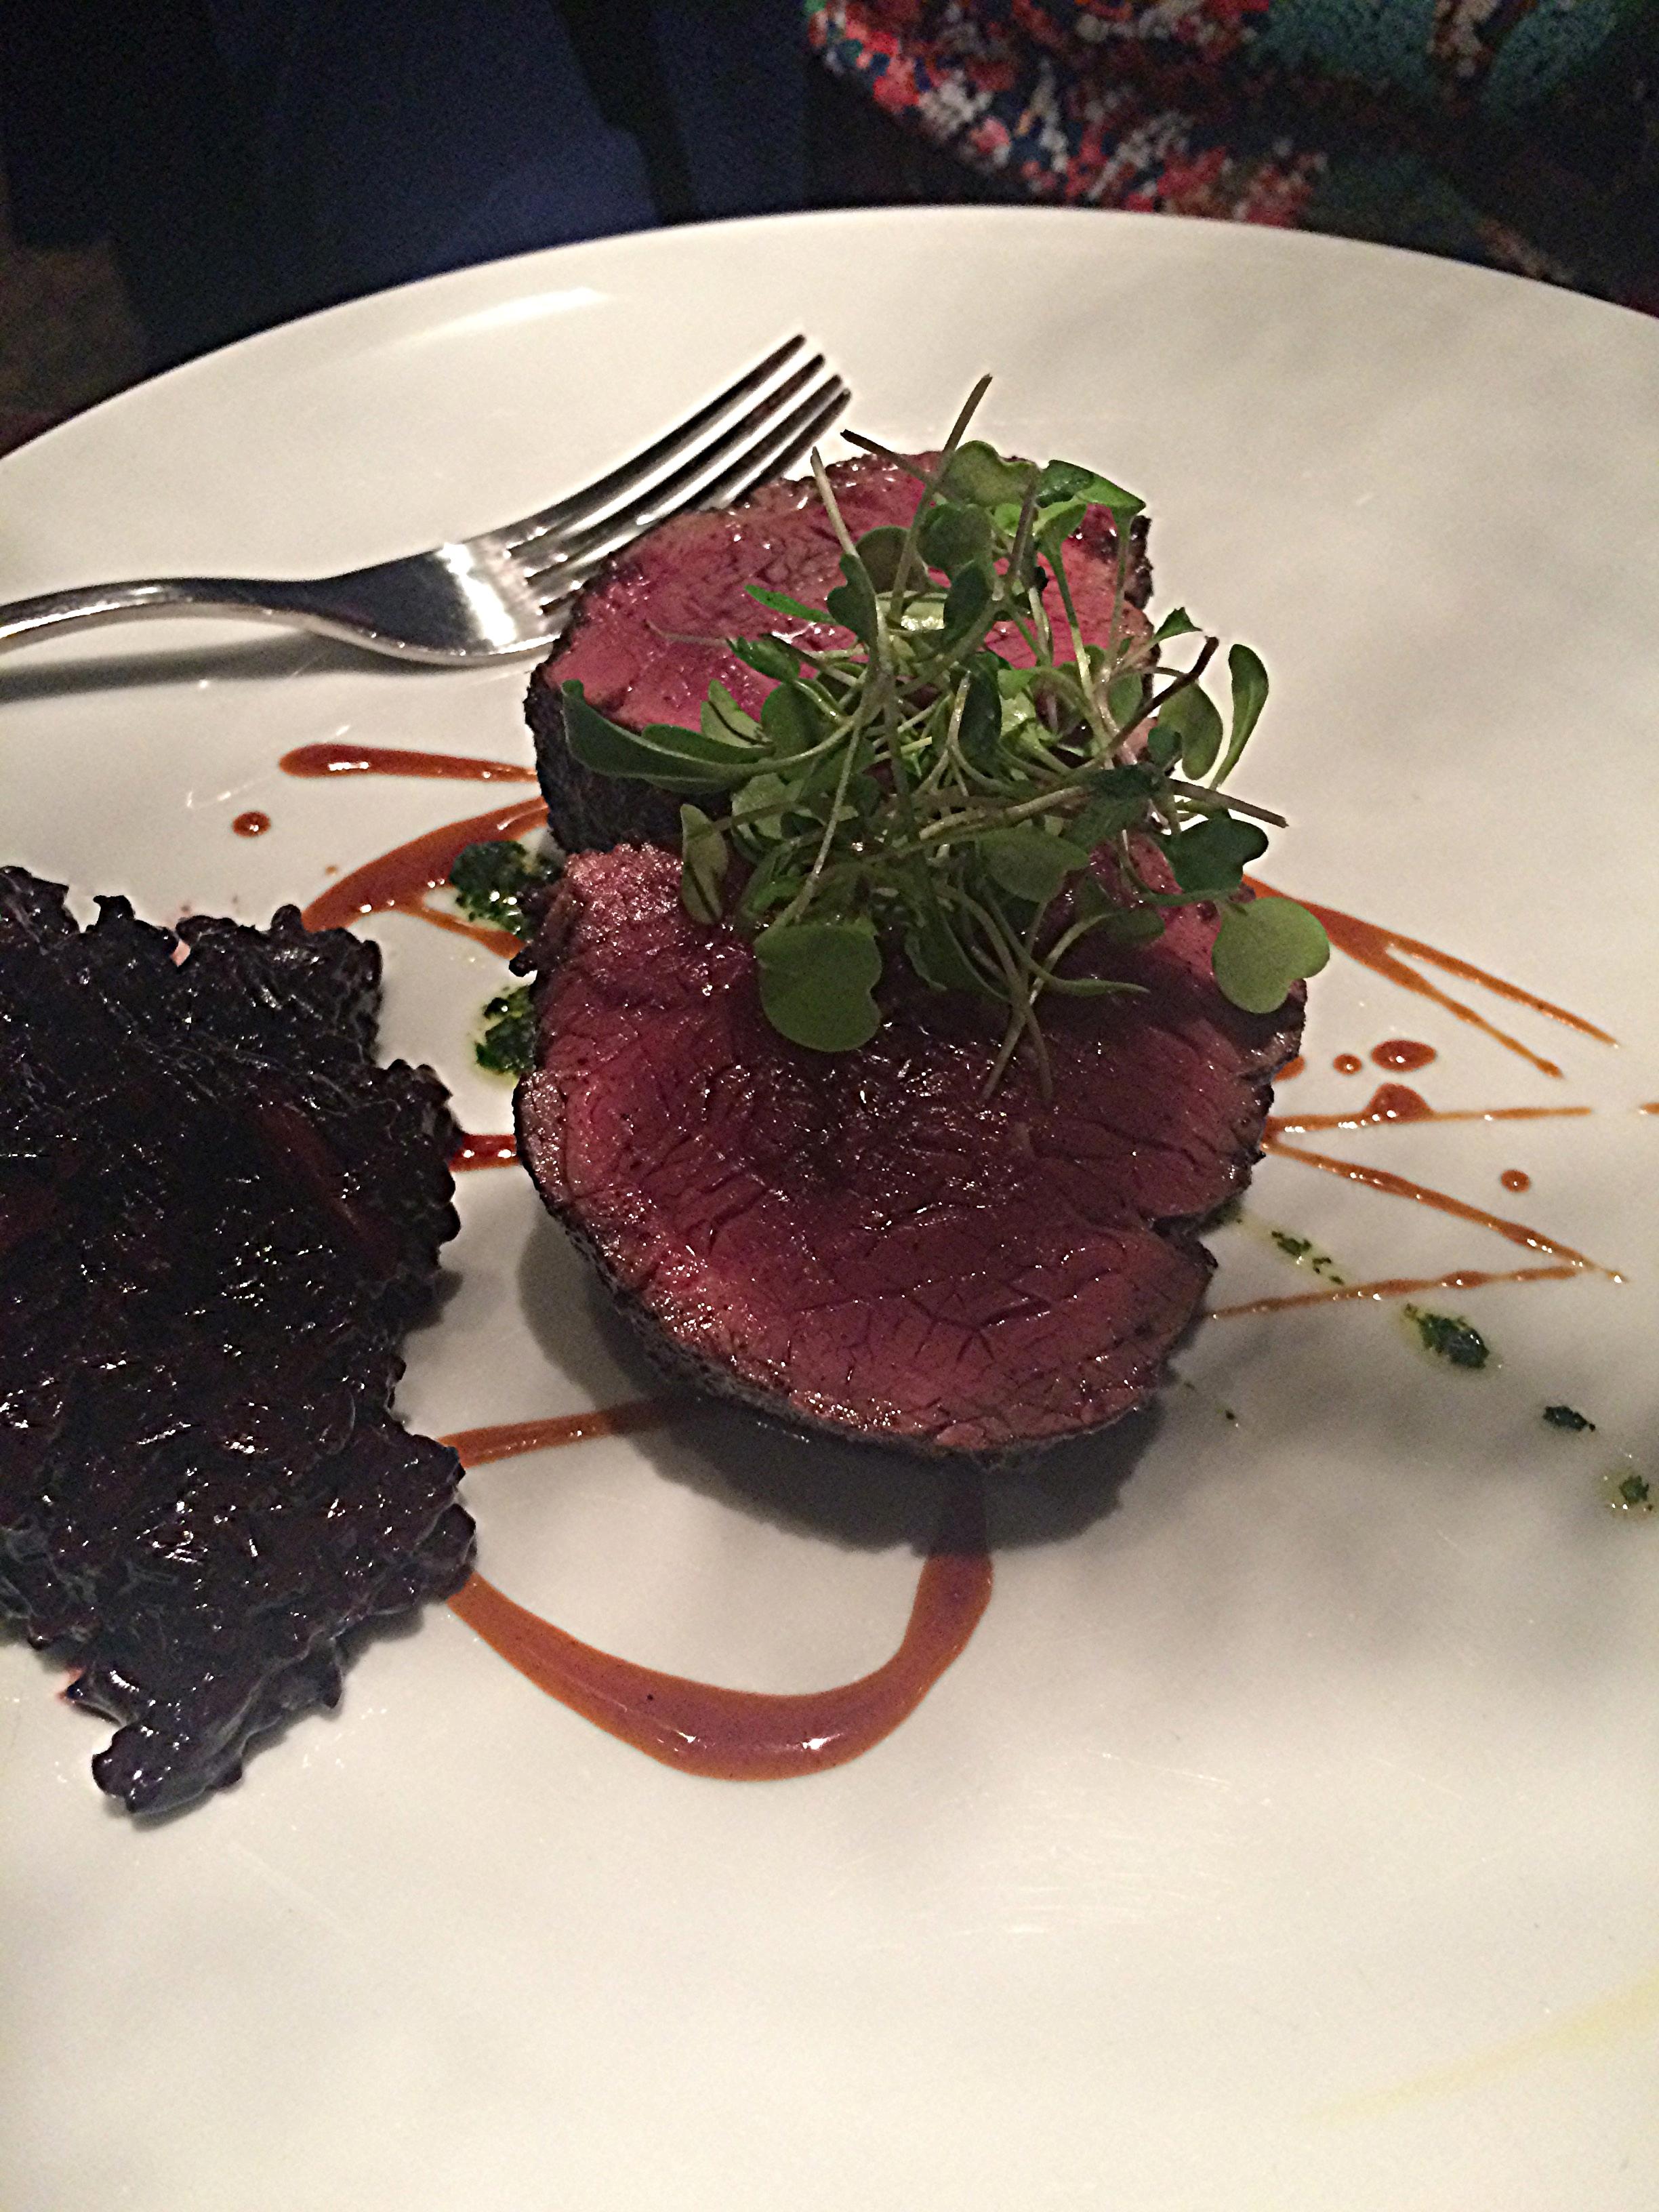 Filé com arroz proibido, o prato que minha amiga pediu. Pense numa carne bem selada?